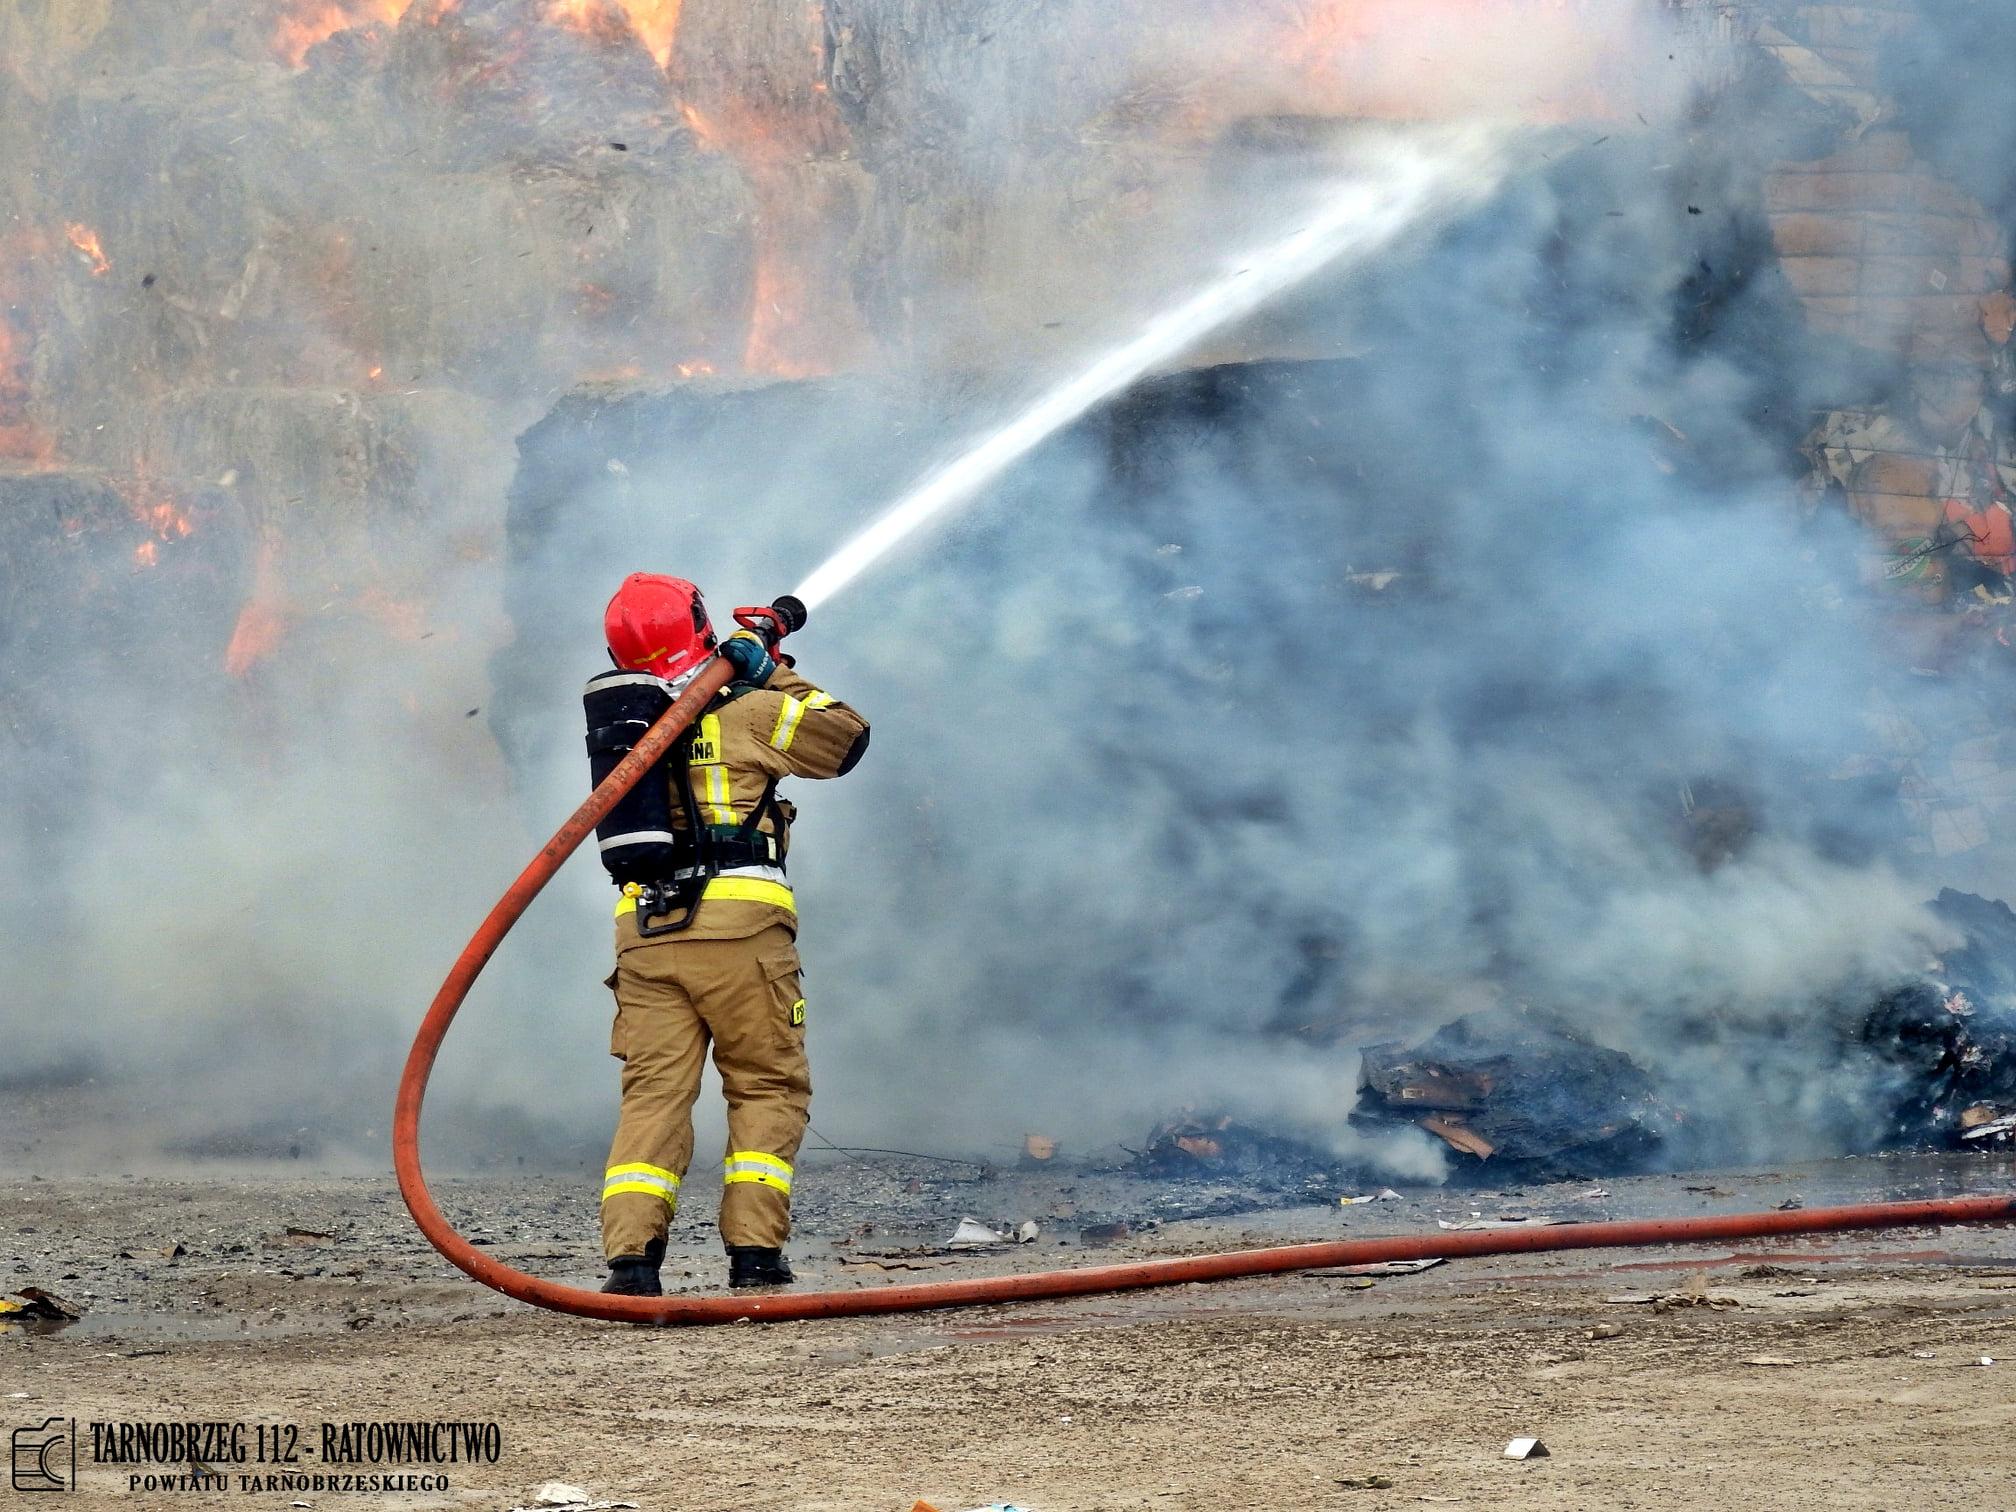 Strażacy gaszą pożar składowiska makulatury [FOTO+FILM]  - Zdjęcie główne